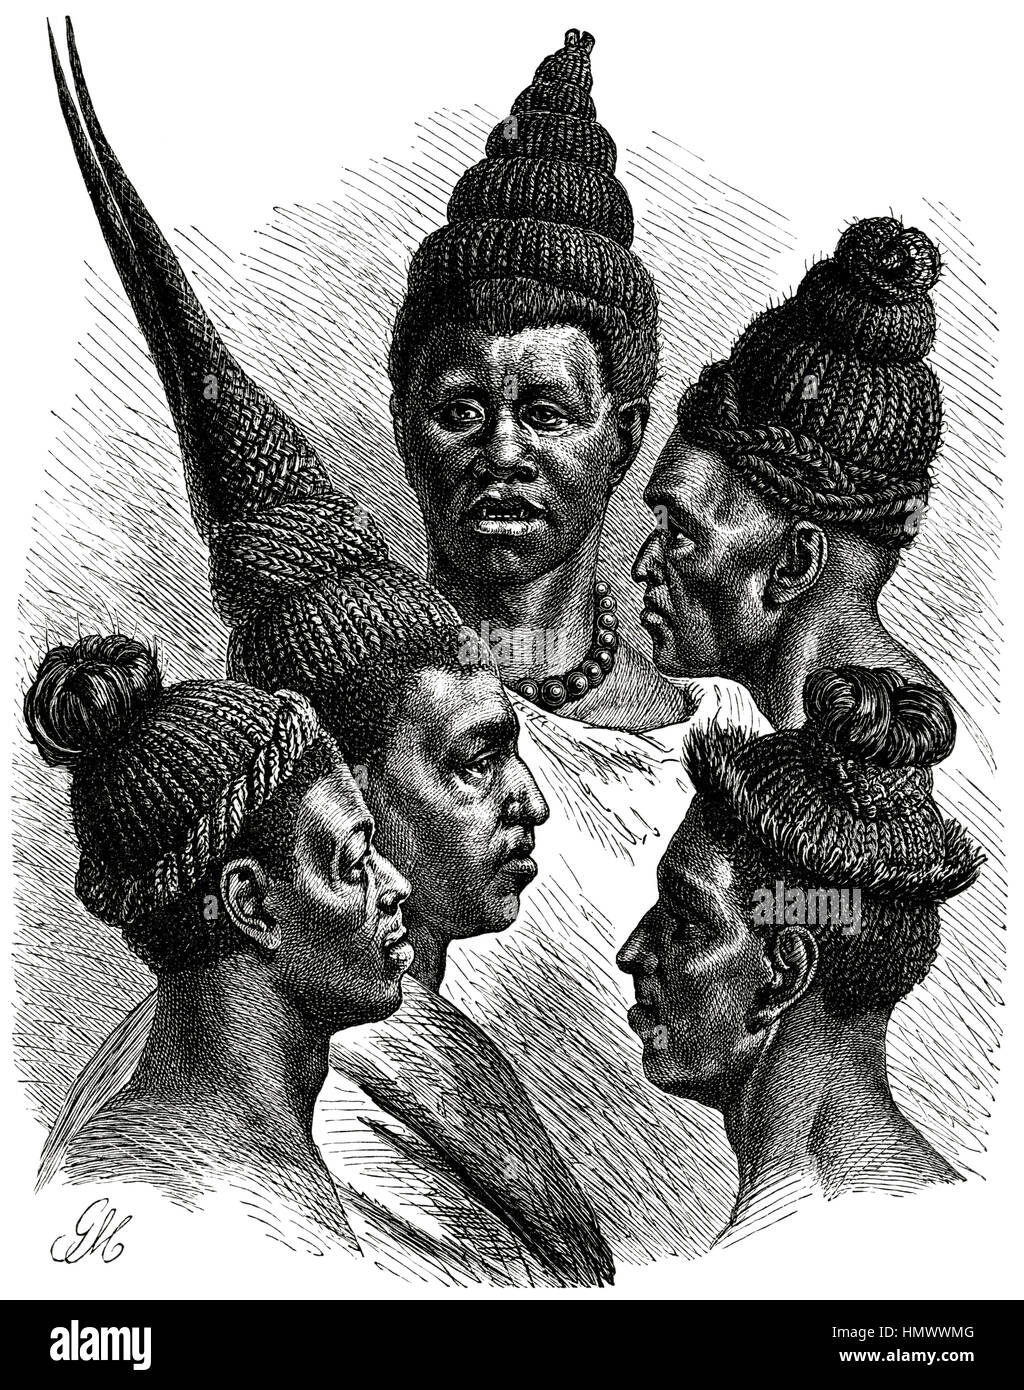 Haar-Moden Maschukulumbe, Südliches Afrika, Illustration, 1885 Stockbild